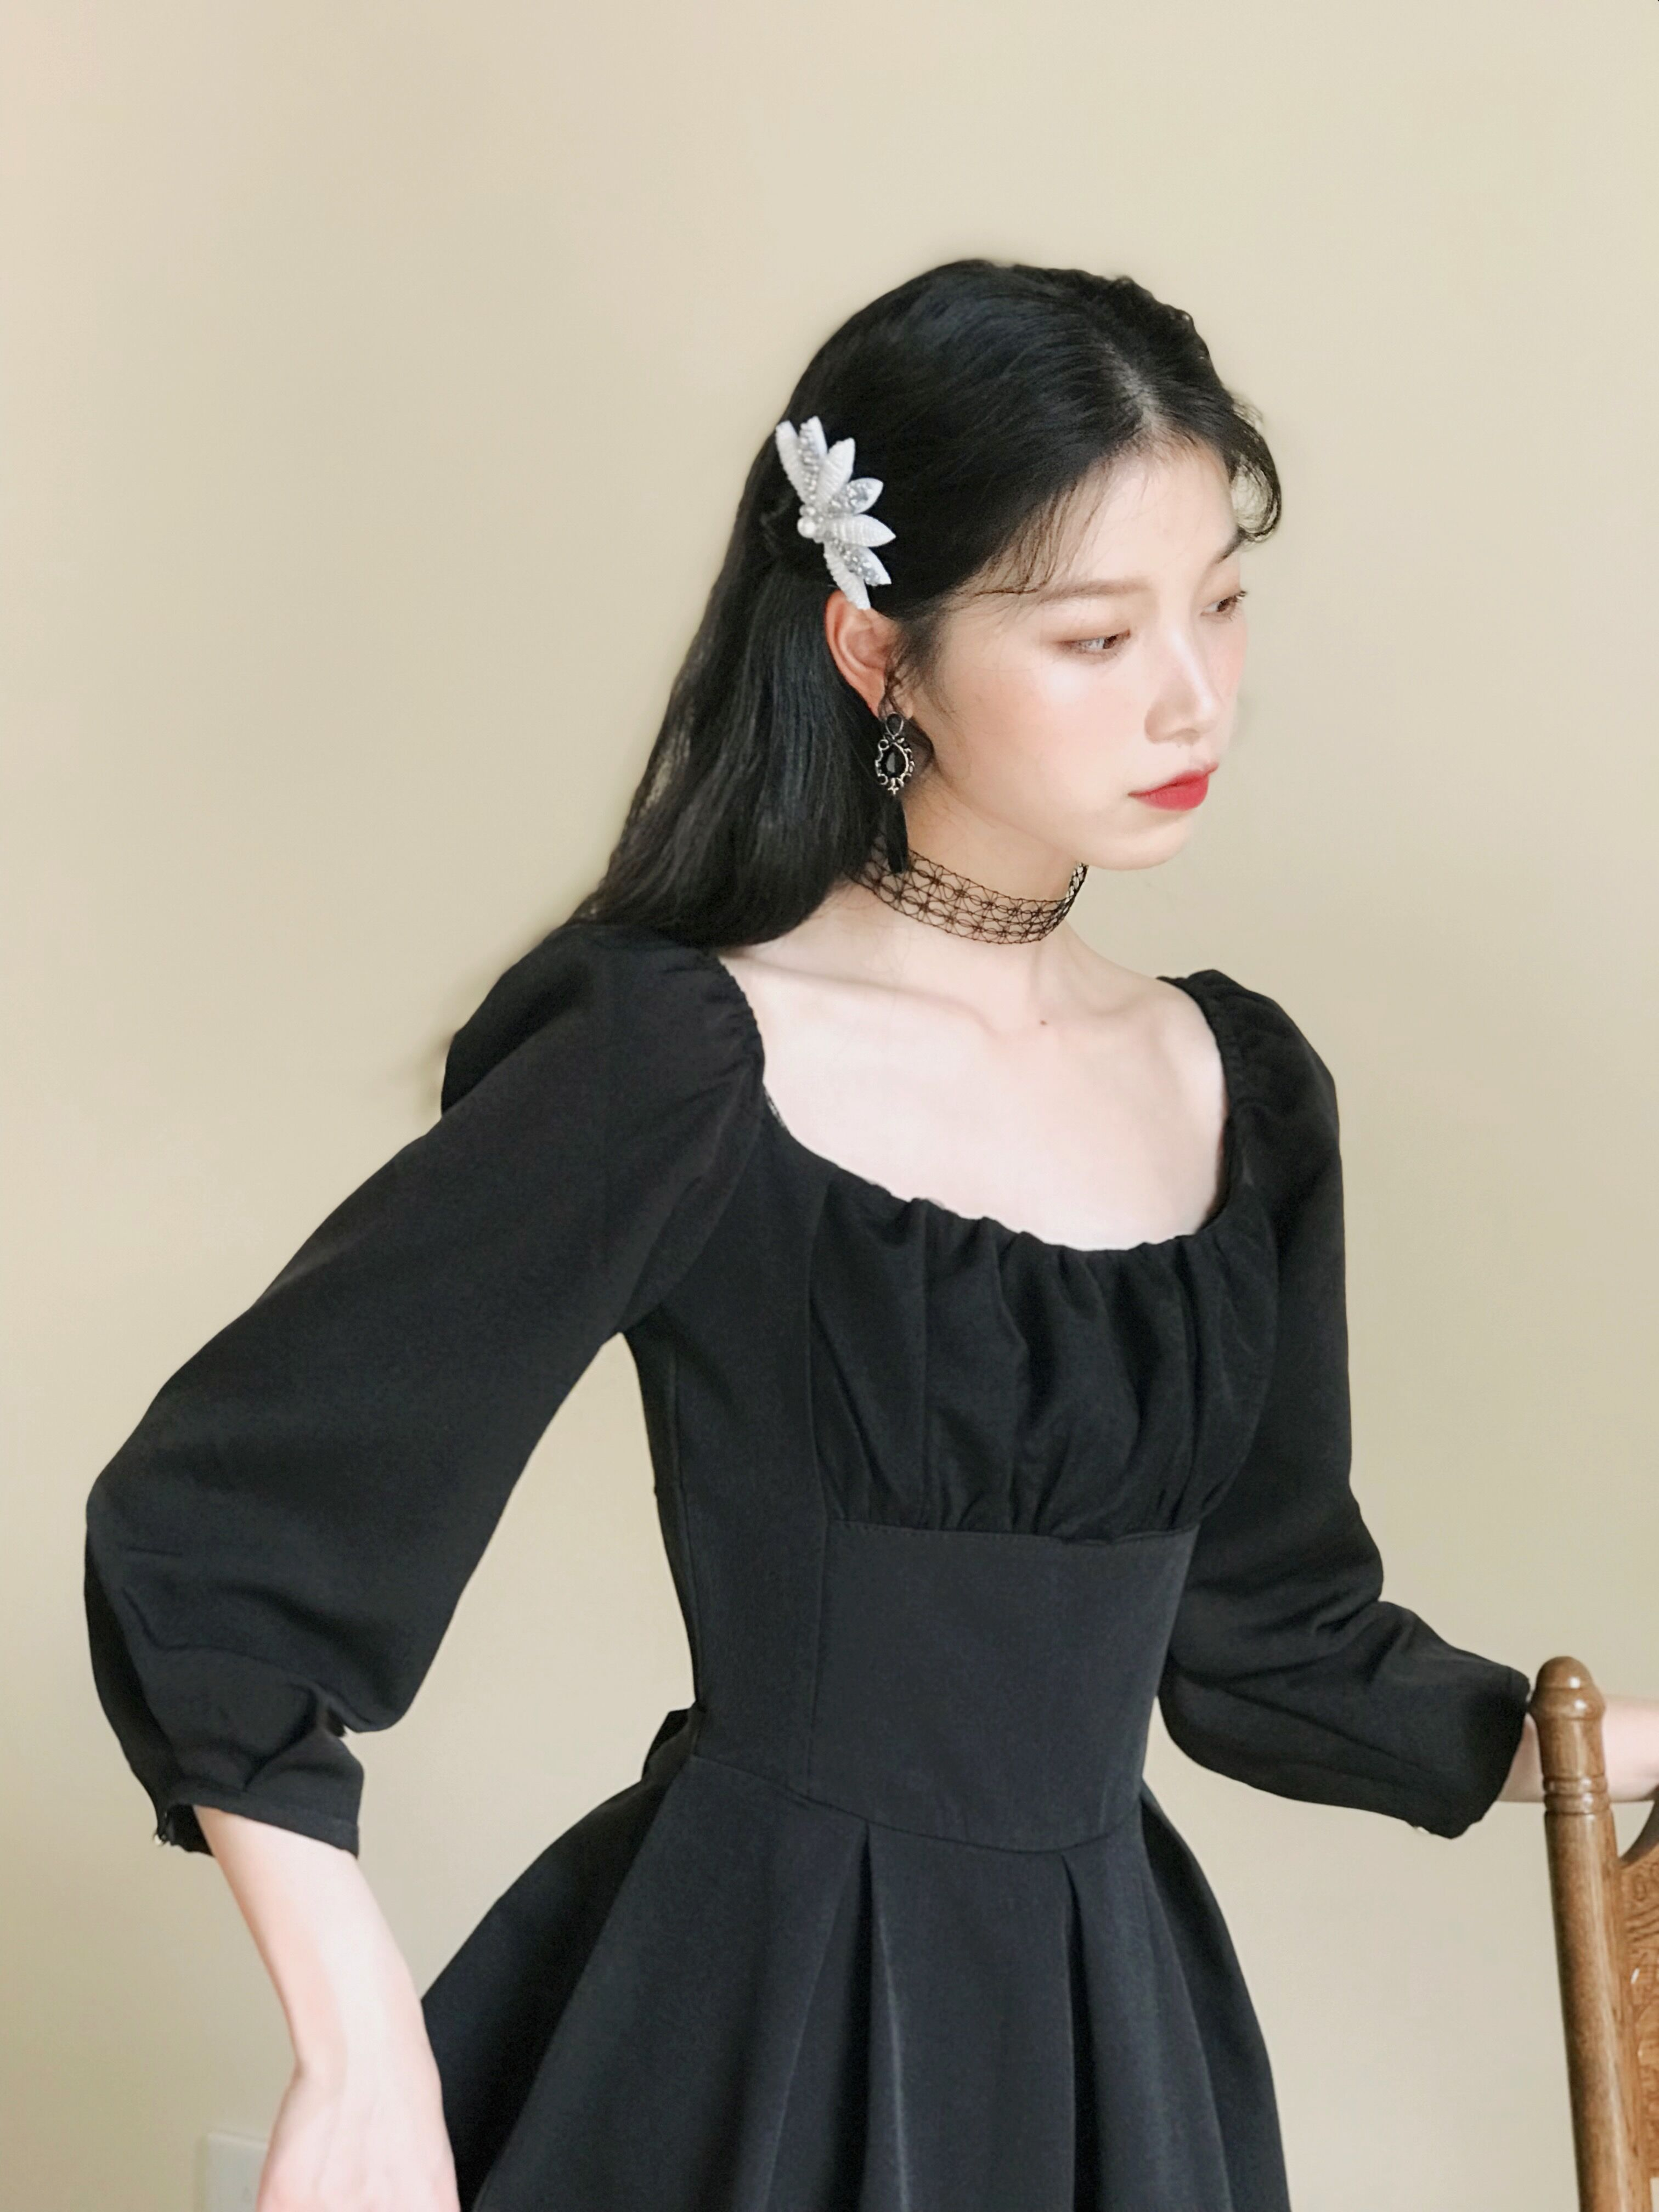 2019 nouvelle mode femmes automne rétro robe robe noire femmes